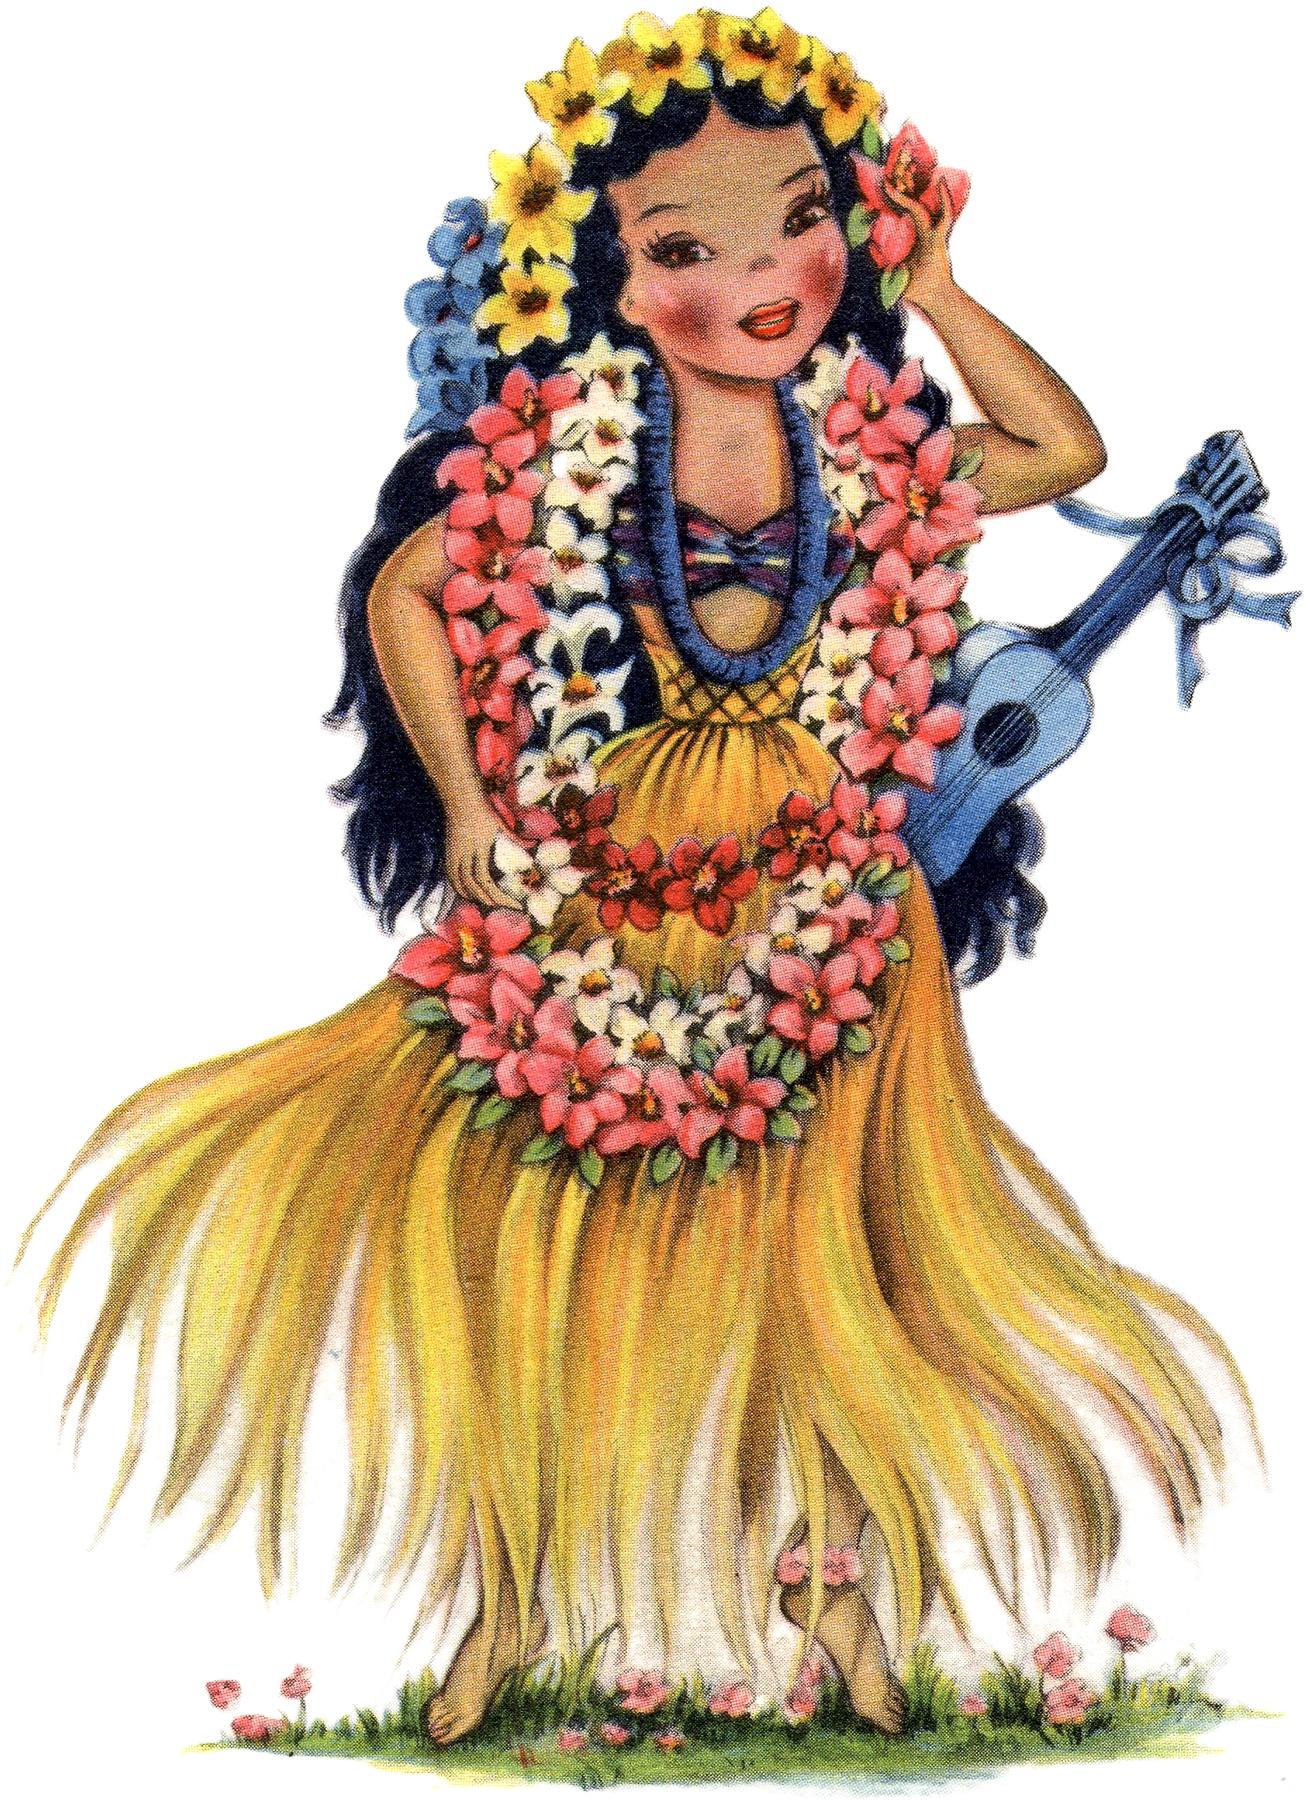 Retro Hawaiian Doll Image The Graphics Fairy